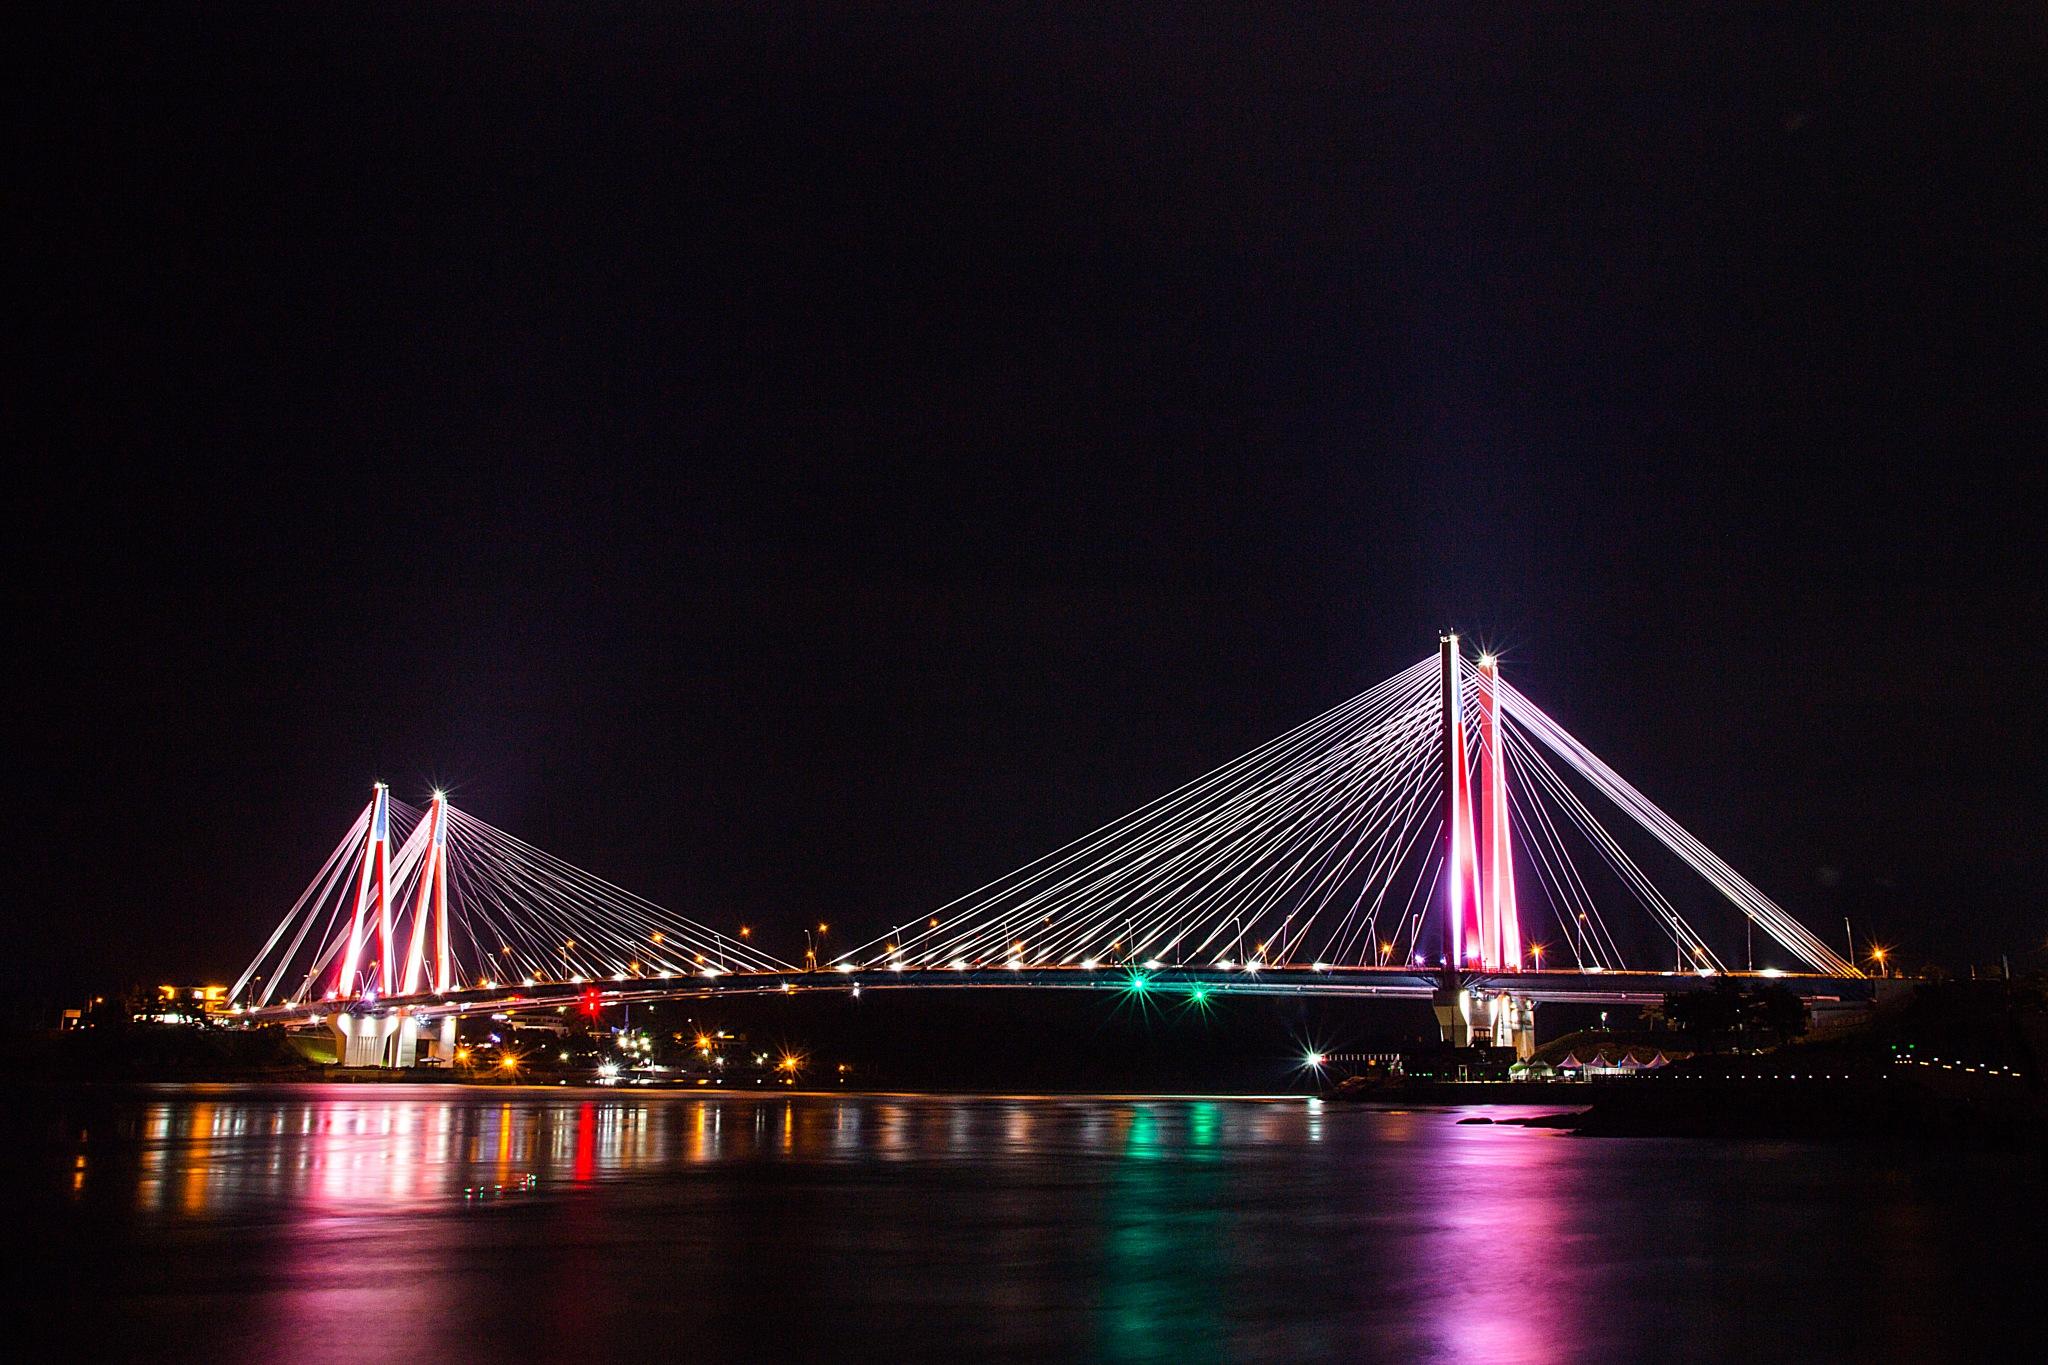 burning light over the Bridge by gorkhe1980